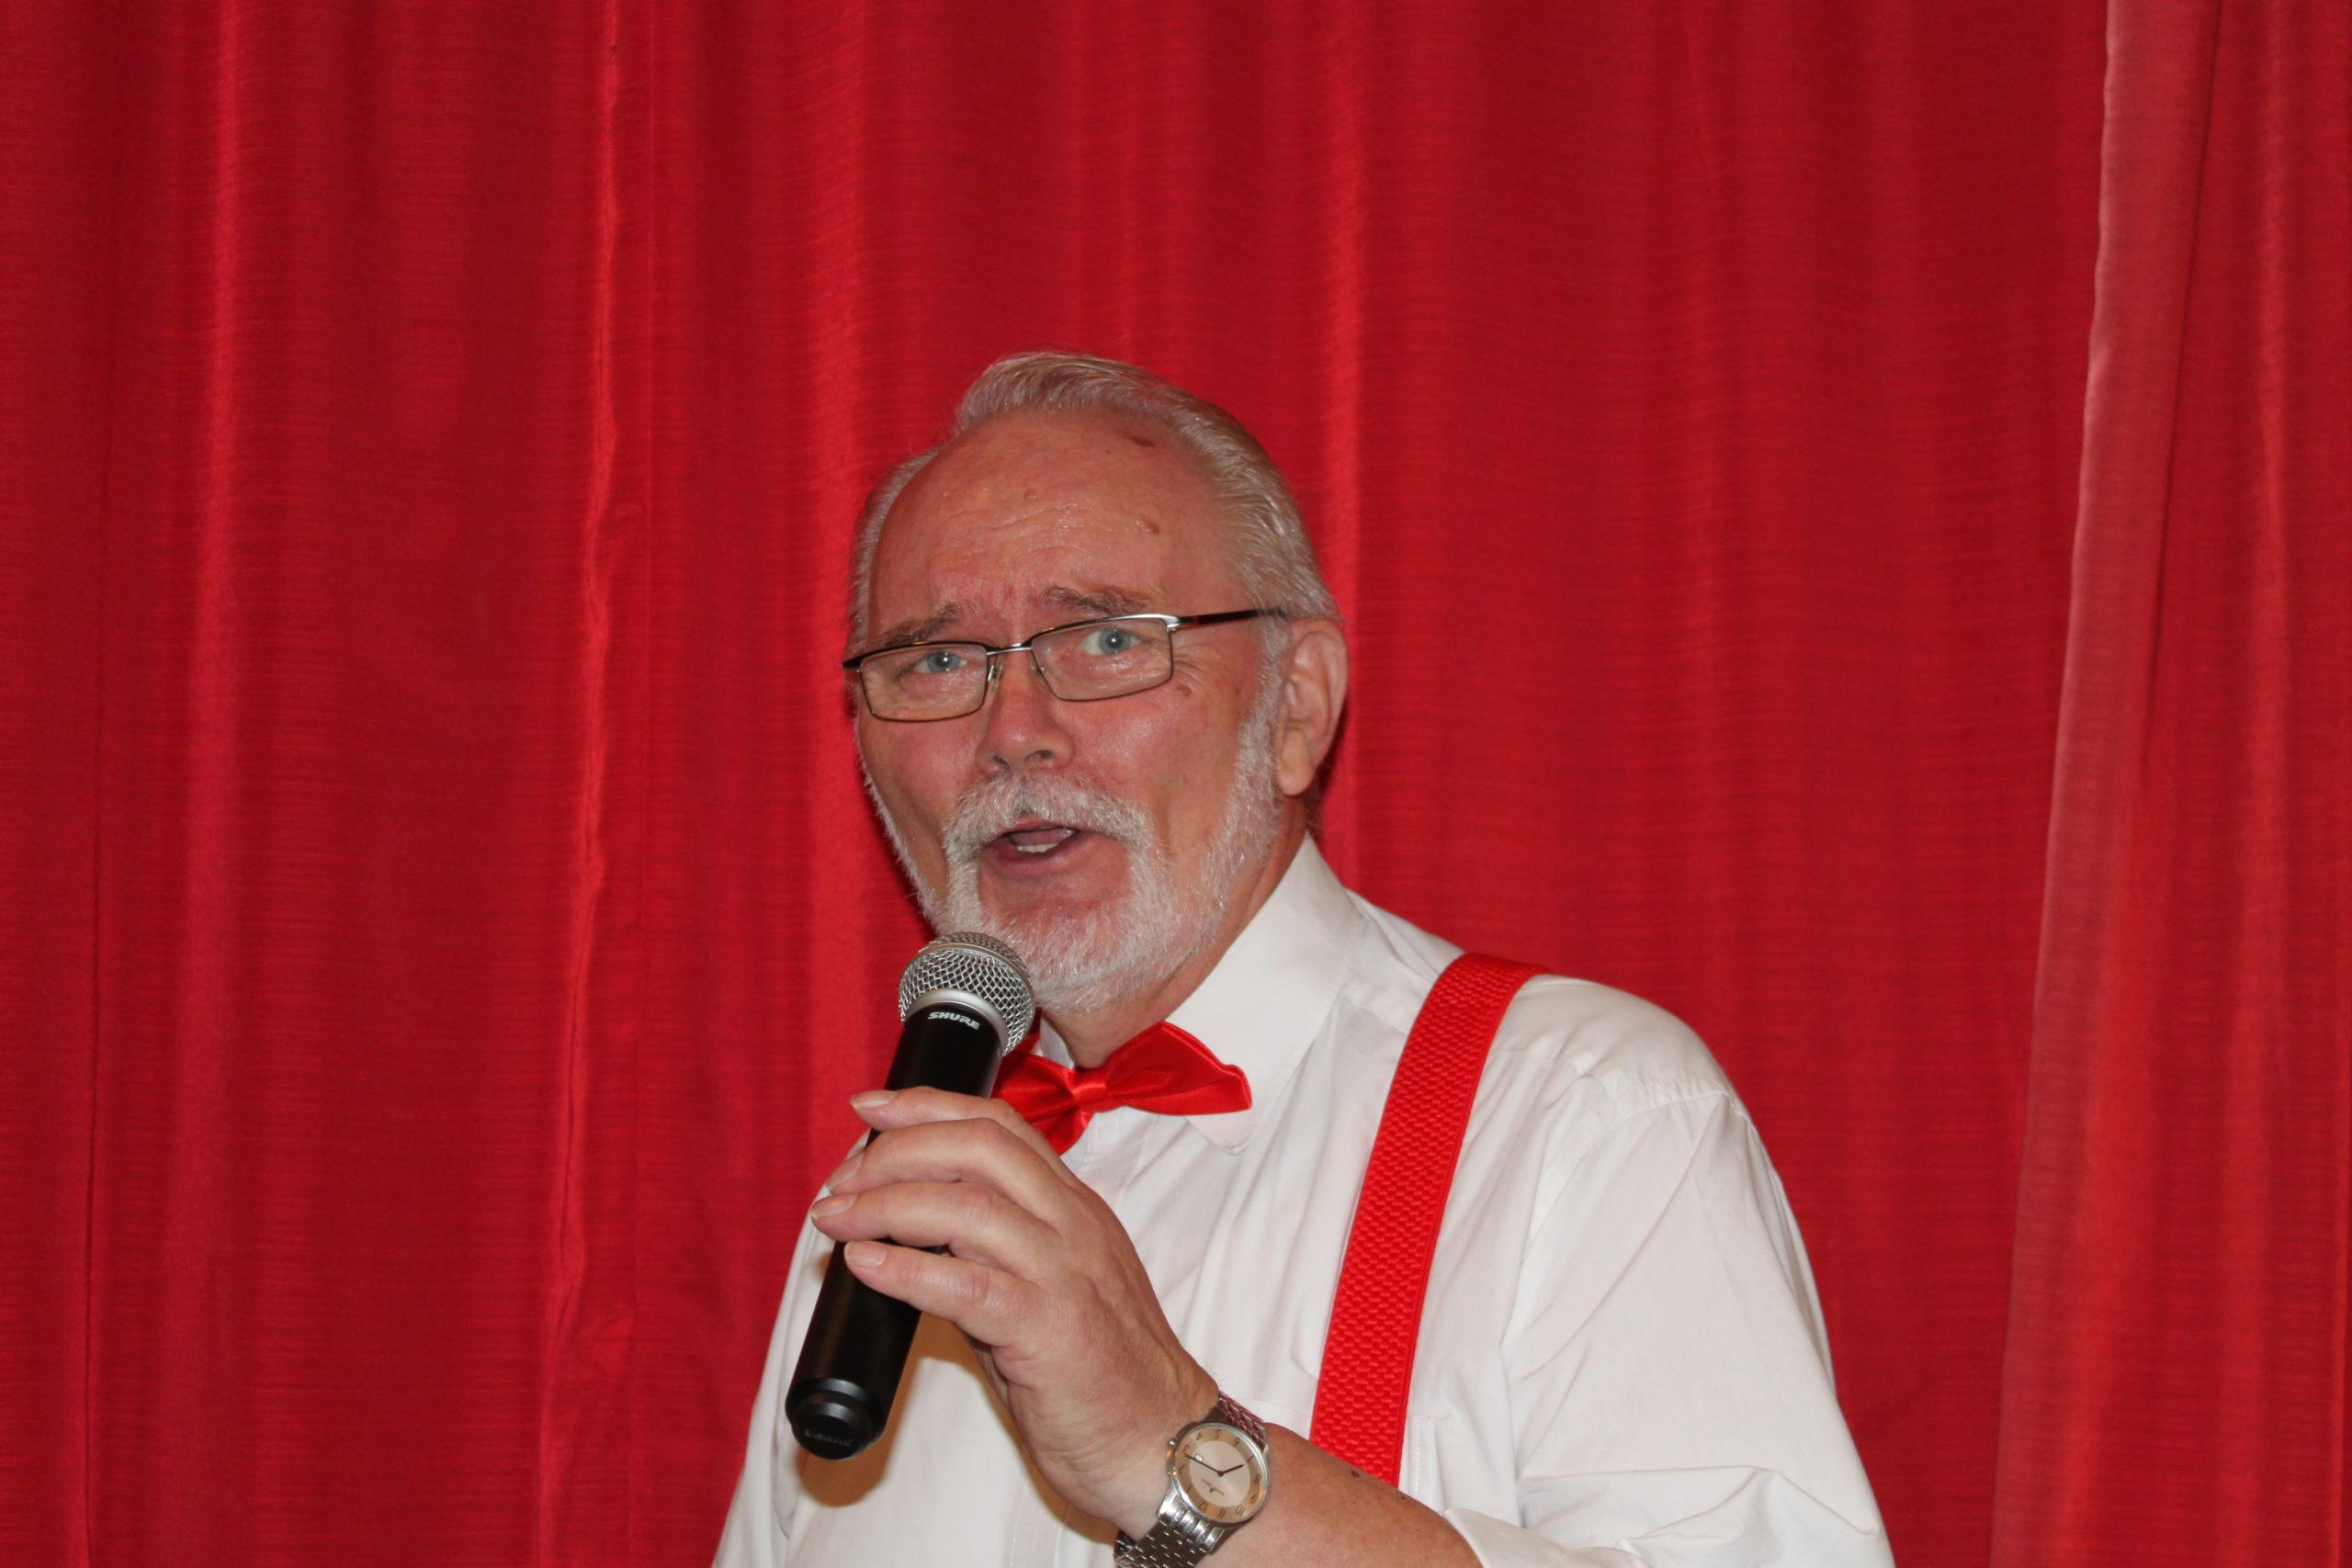 Bernd Ratayczak